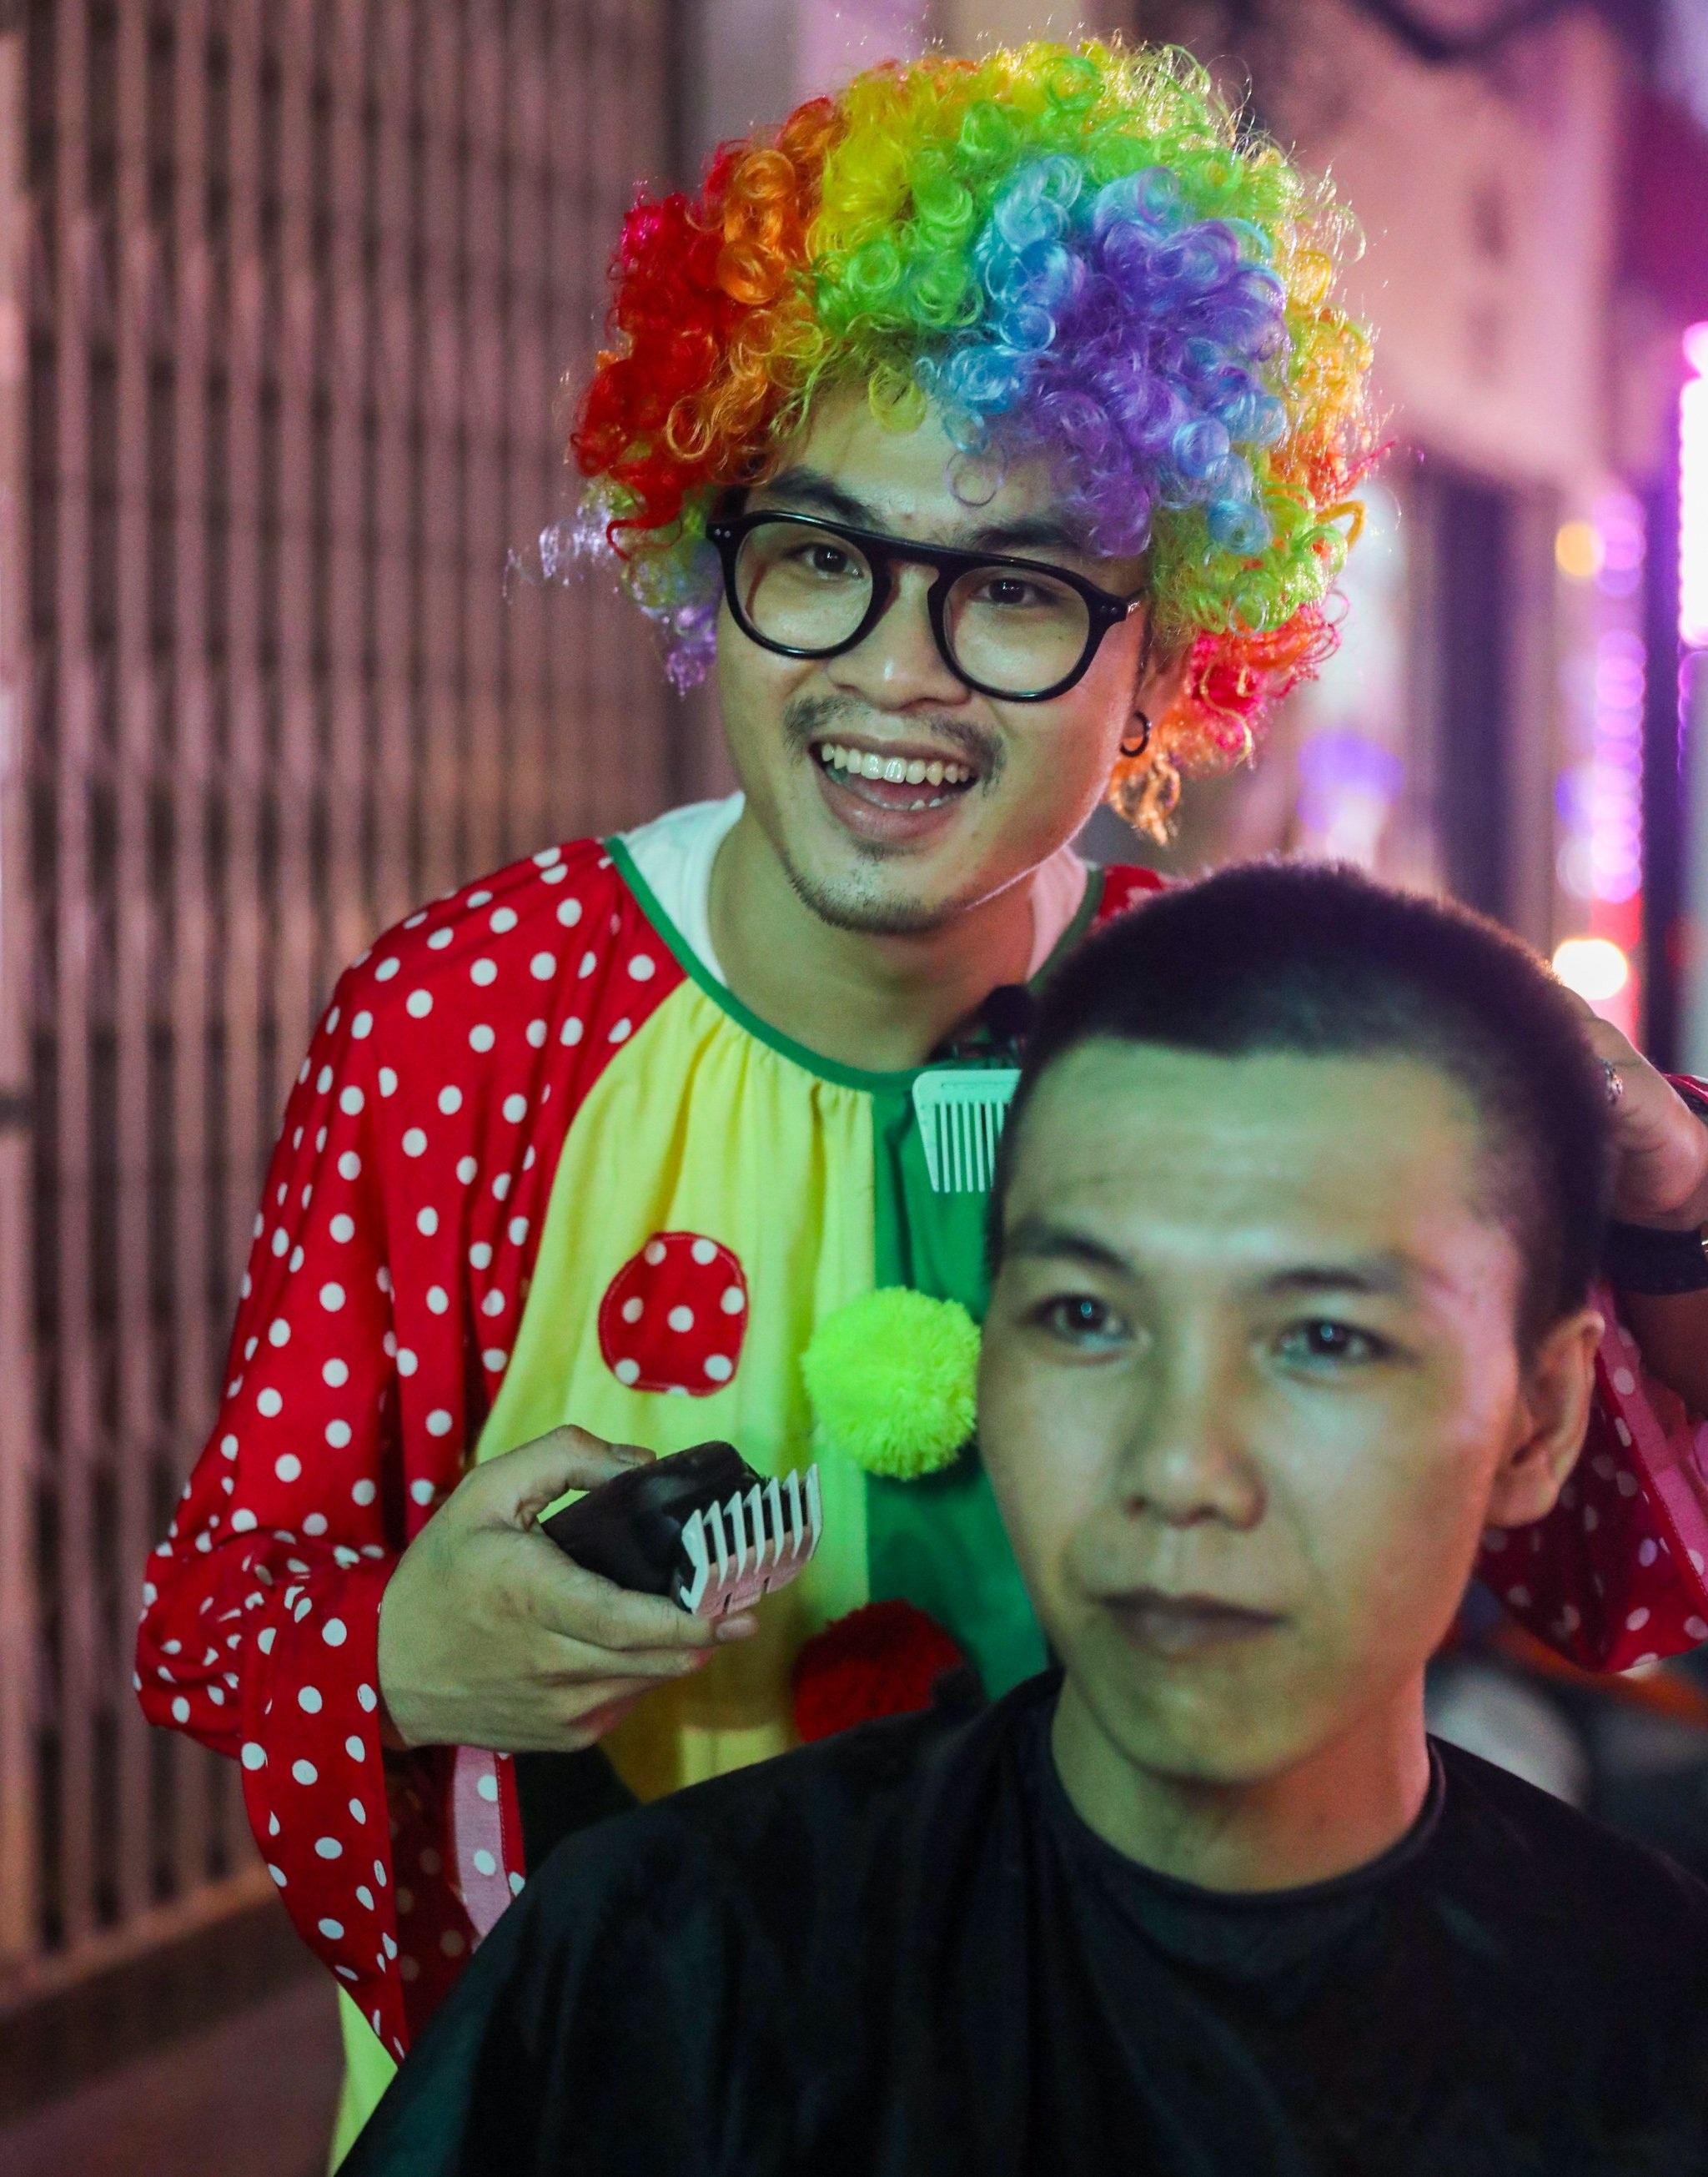 Chàng trai hóa thân thành chú hề đi hớt tóc cho người vô gia cư - 6